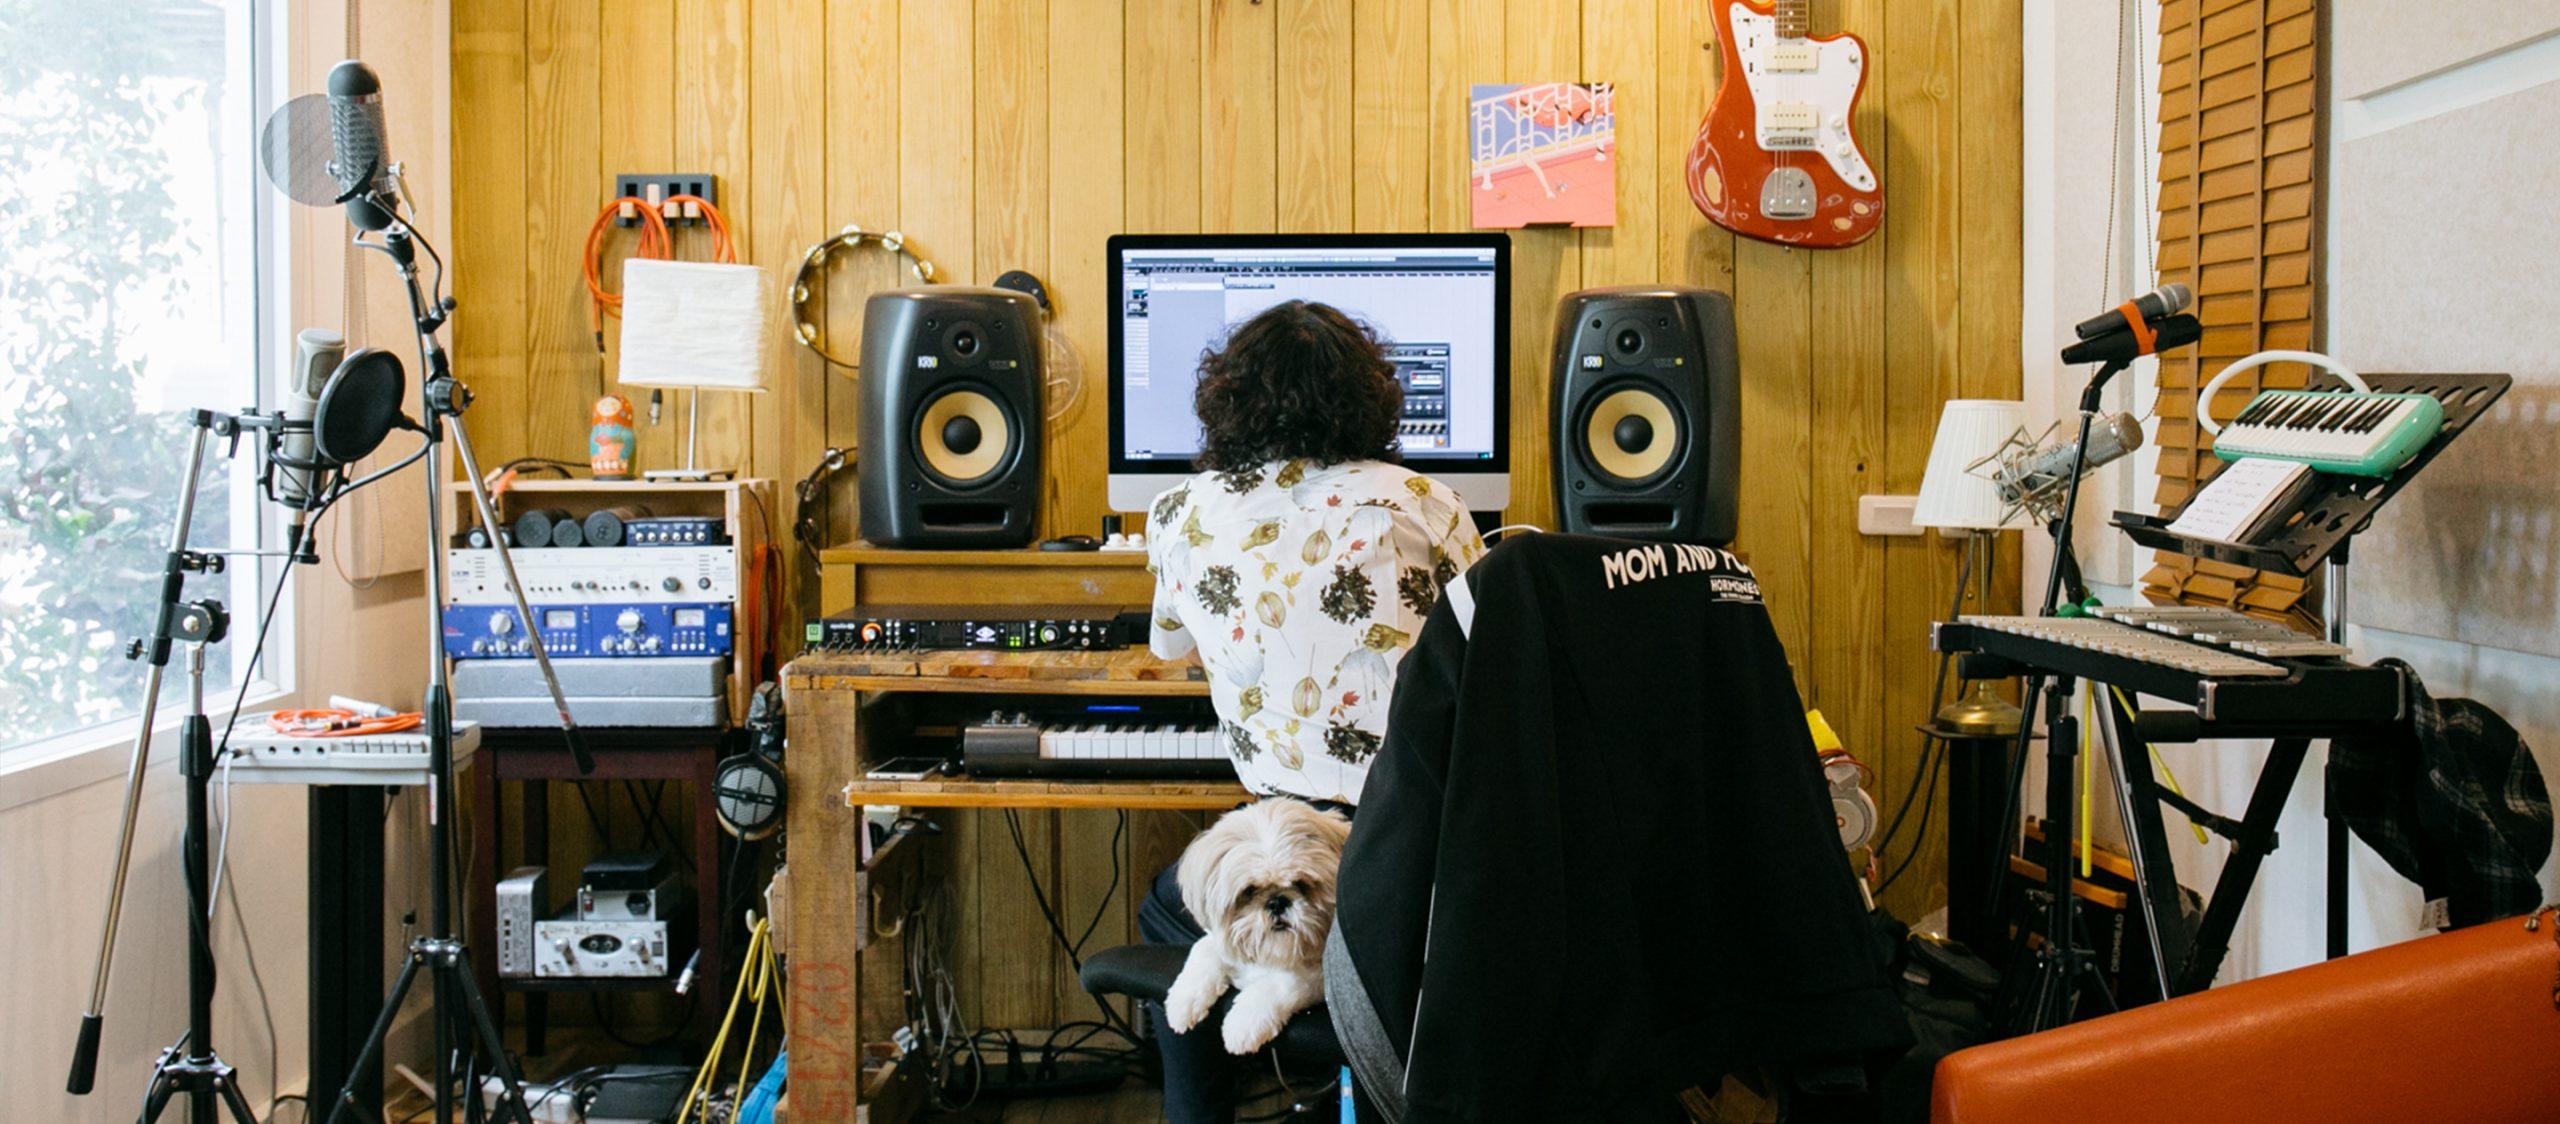 Happy Hippo Studio สตูดิโอทำเพลงของโฟร์ 25hours ที่เชื่อว่าการทำงานด้วย 'ฟีลลิ่งที่ดี' สำคัญกว่า